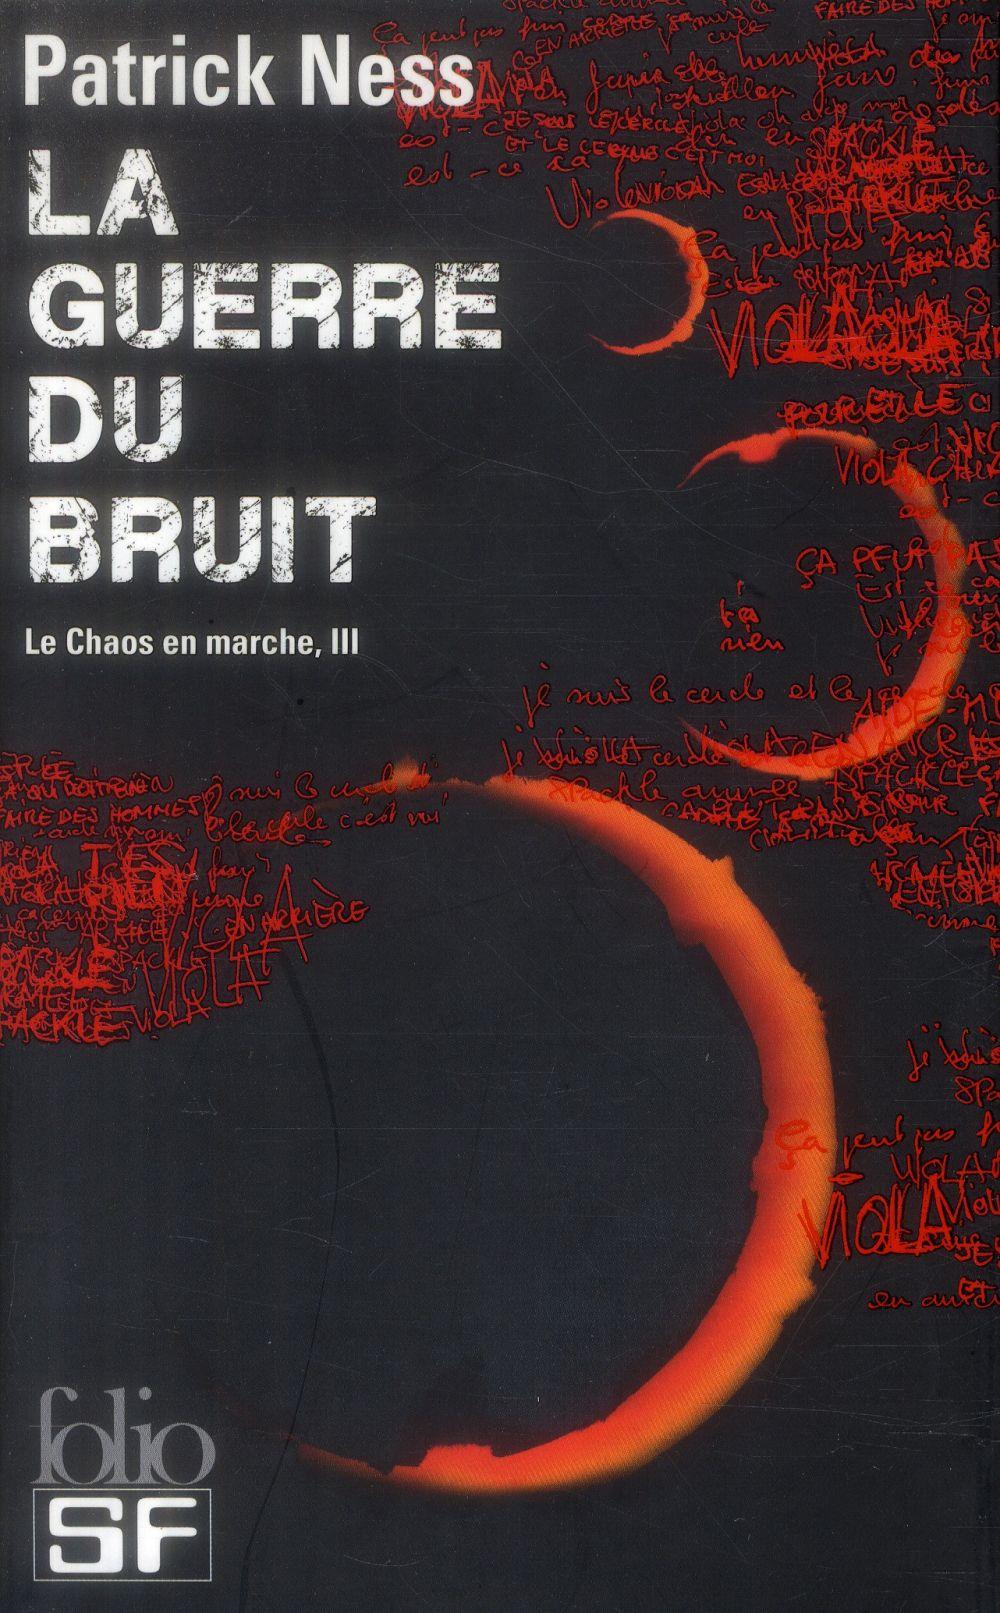 LA GUERRE DU BRUIT